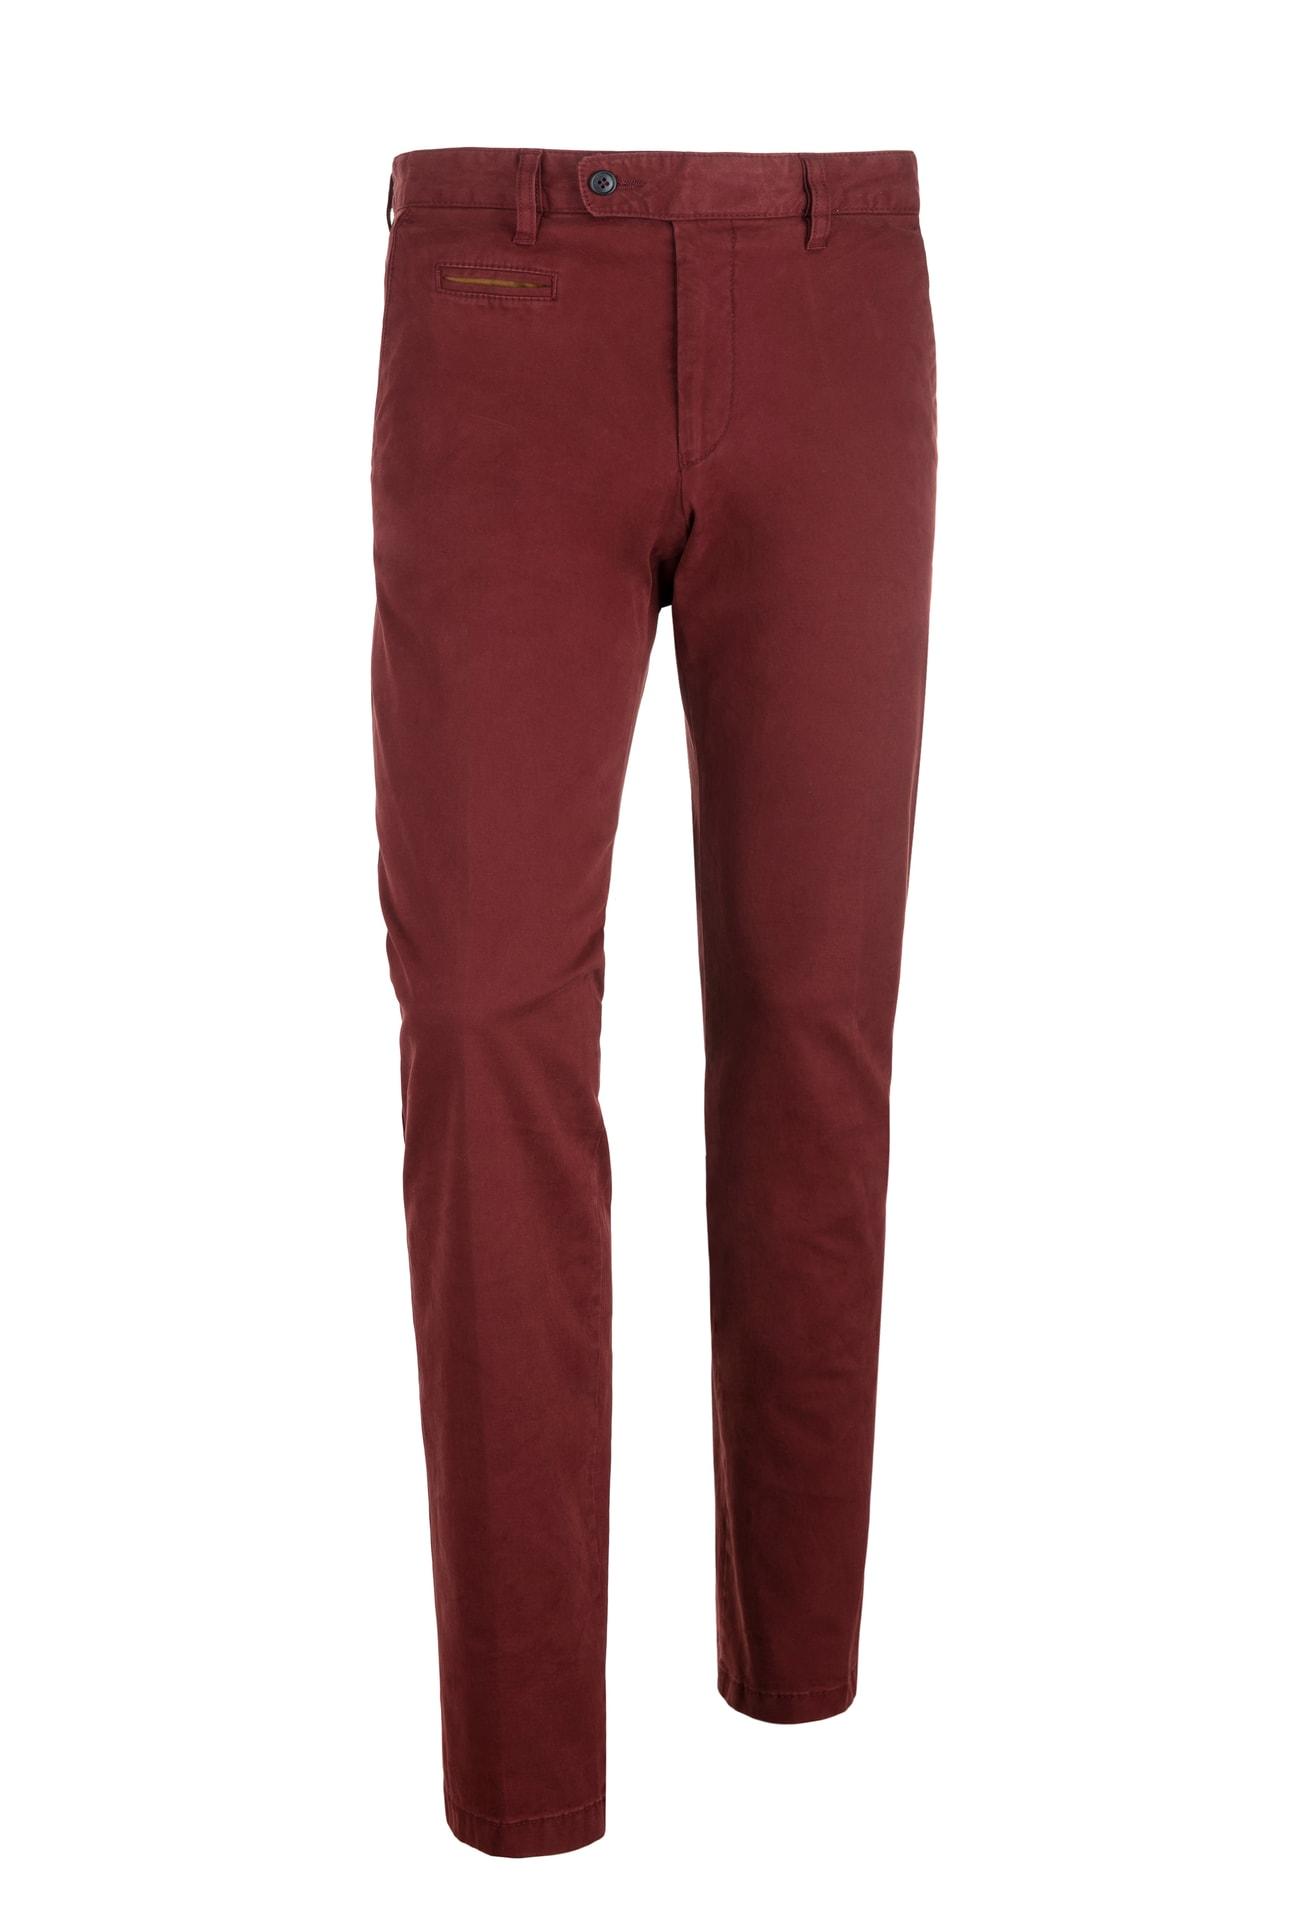 Spodnie Franco - Ceglane